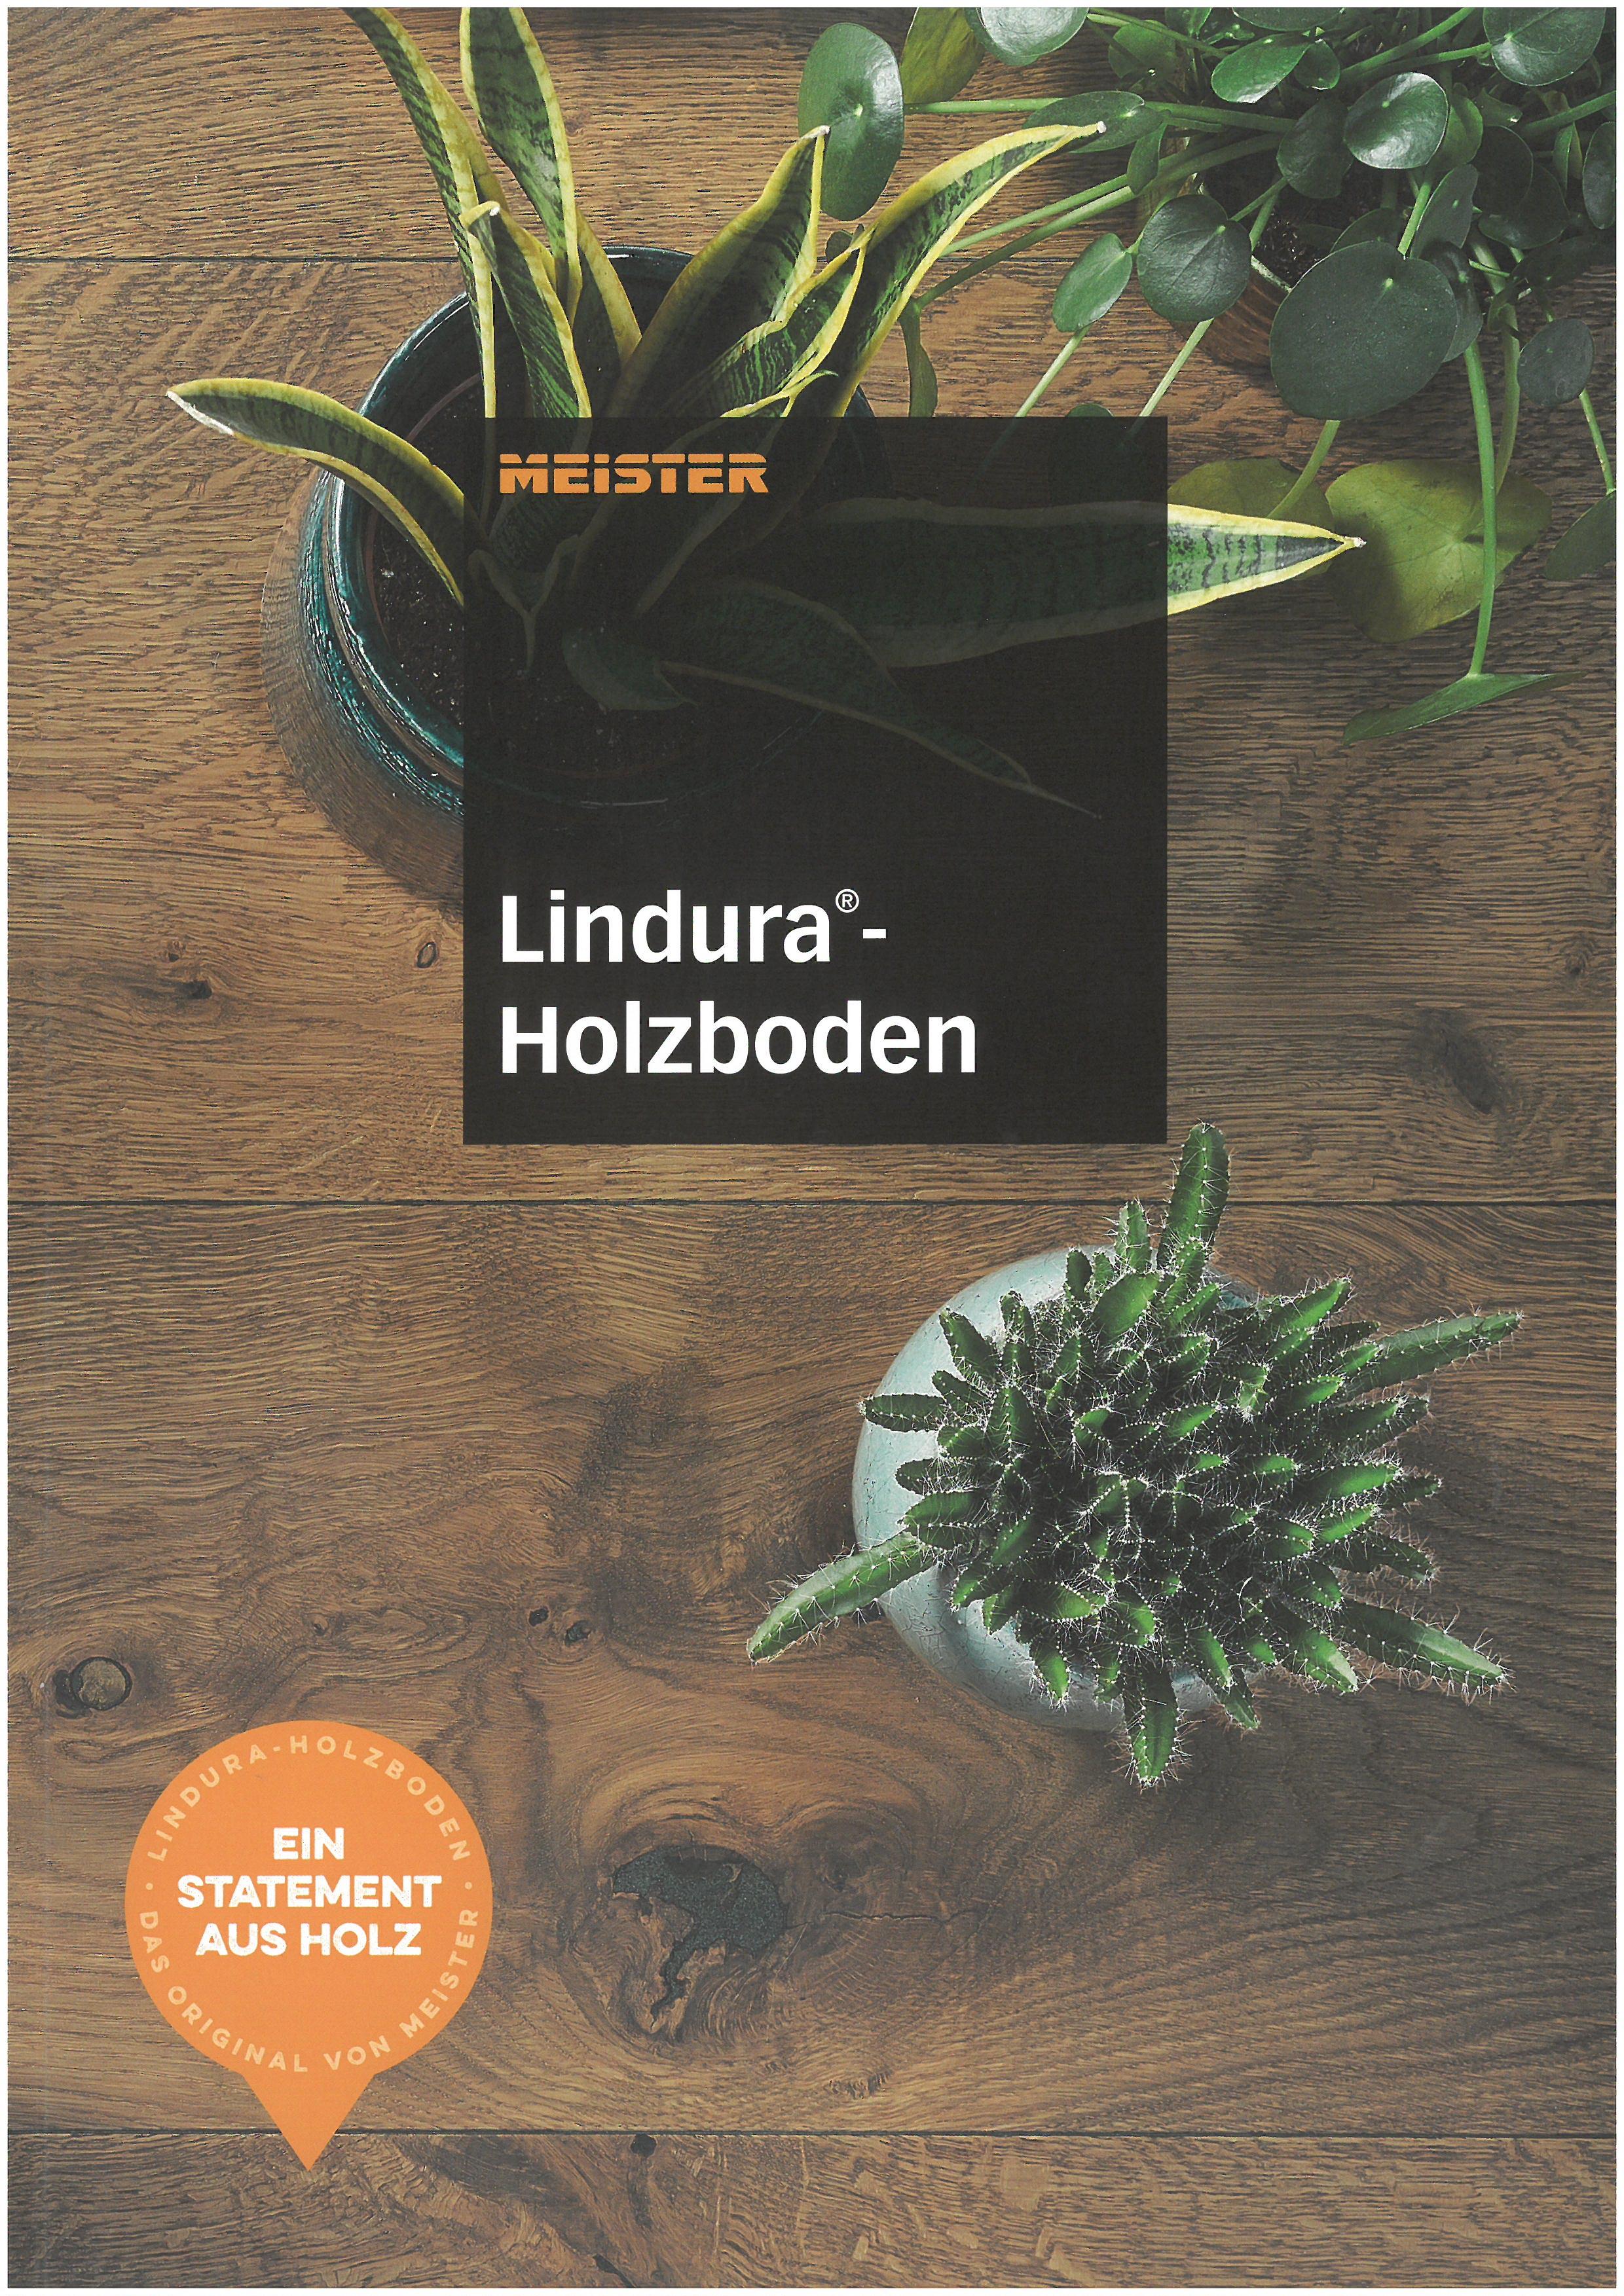 Lindura